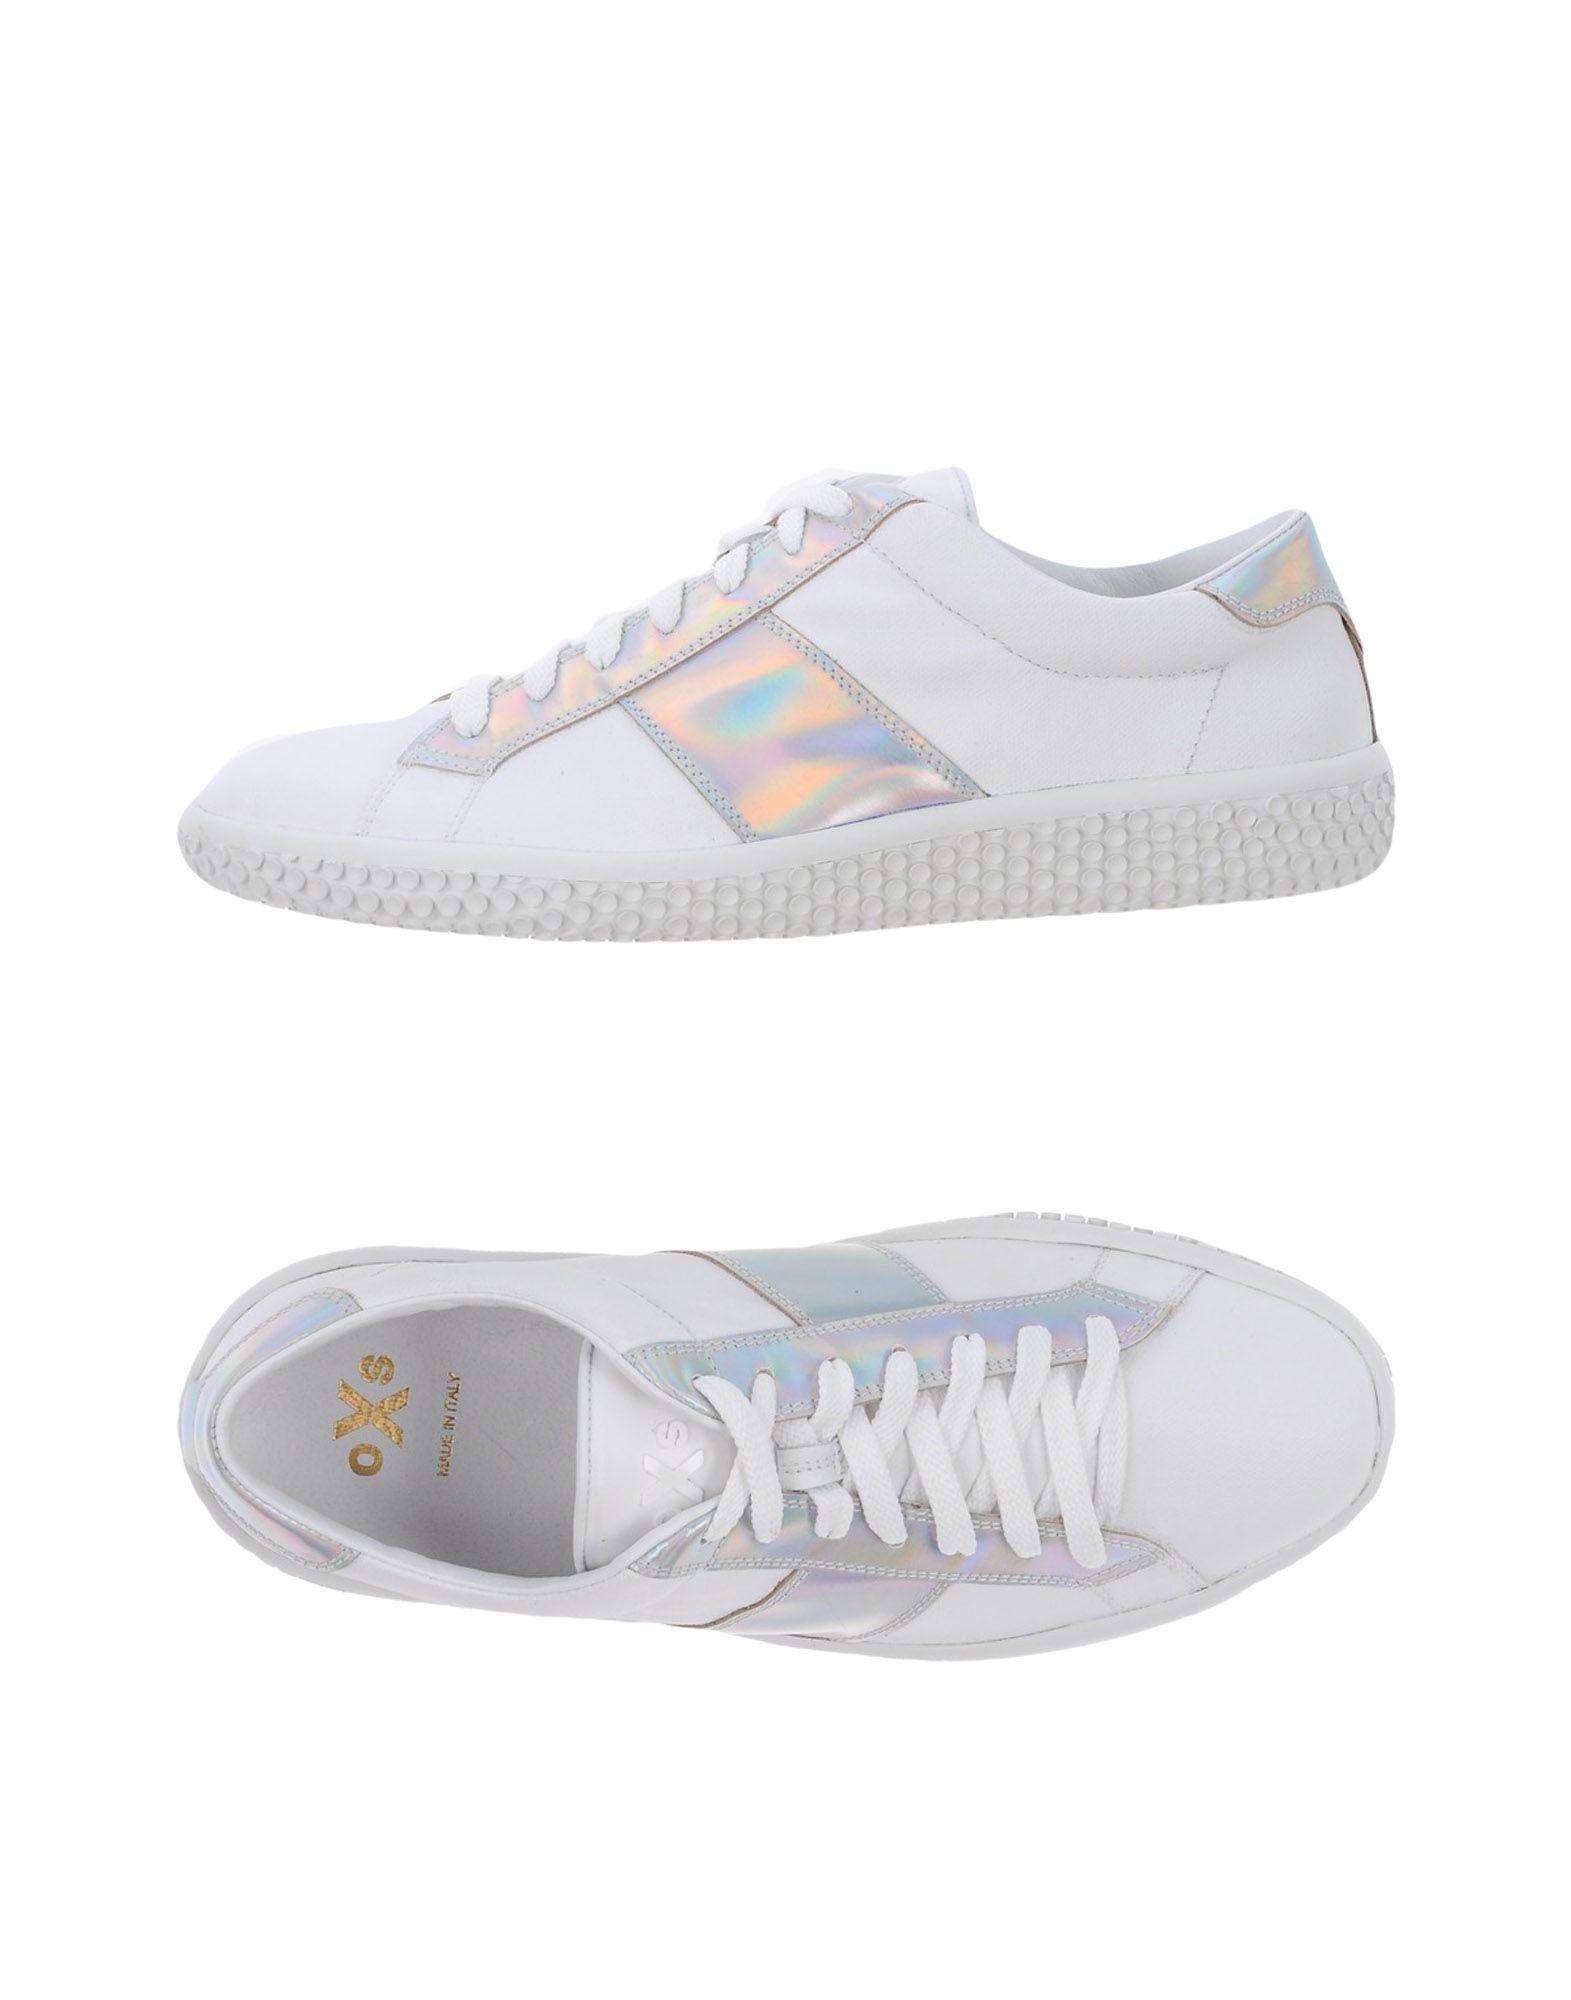 Rabatt echte Schuhe O.X.S. Sneakers Herren  11354926WJ